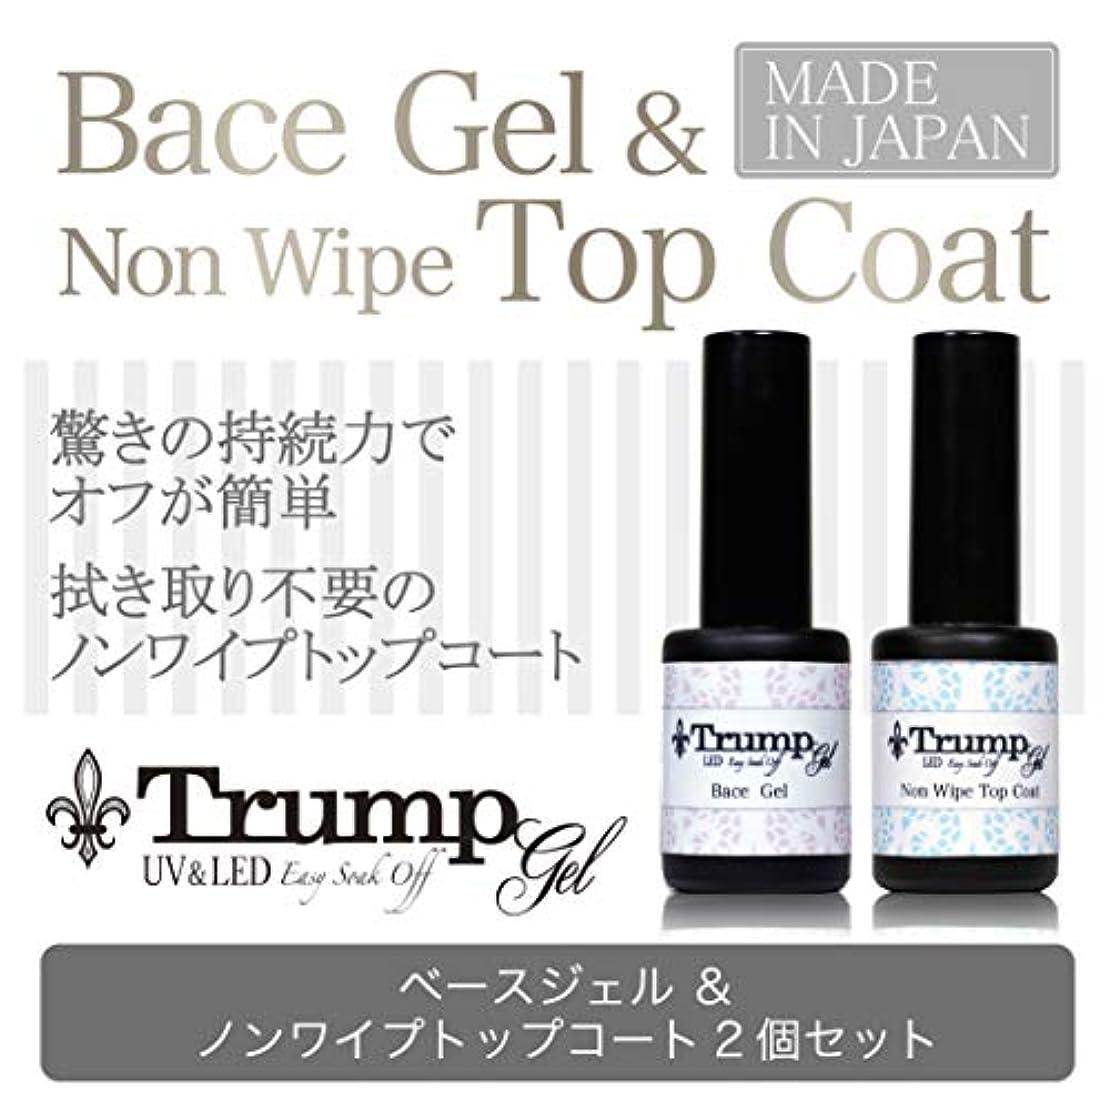 杖憂鬱なできれば【日本製】Trump Gel ジェルネイルUV LED ベースジェル & ノンワイプトップコート 大容量10g×2本セット